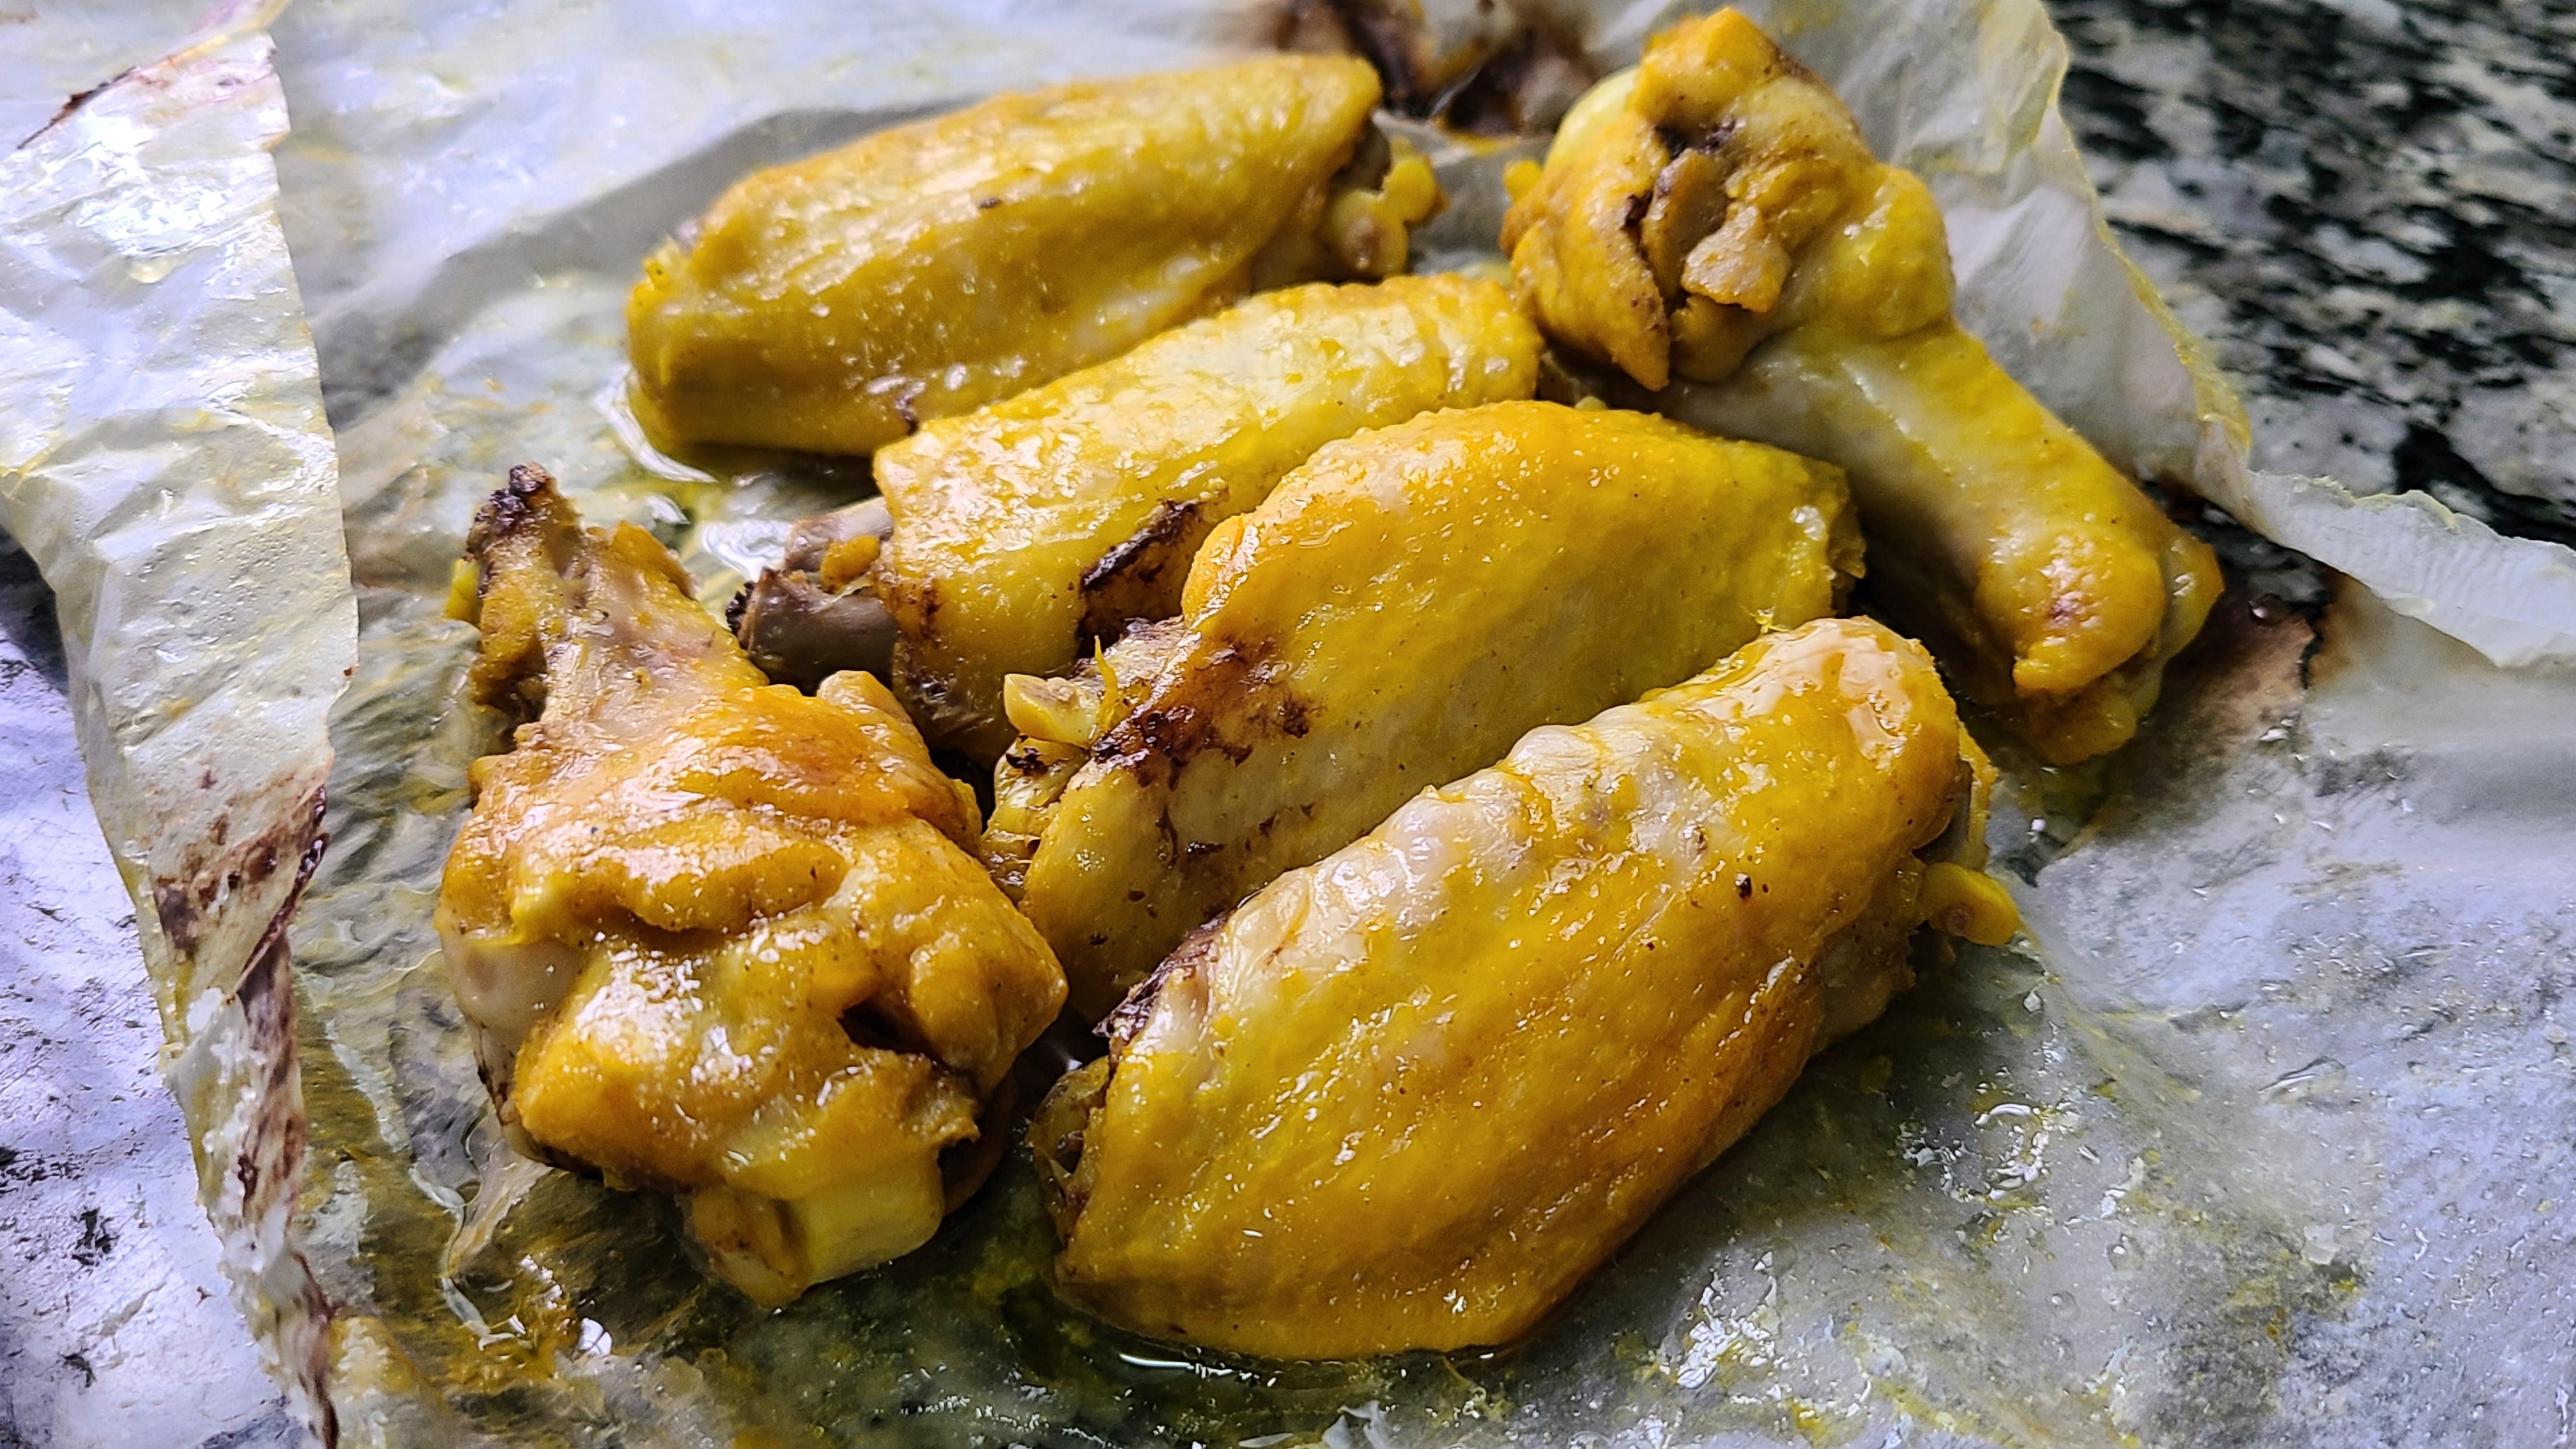 广东盐焗鸡翅的做法,教你轻松做出来,咸香好吃,吃着太爽了